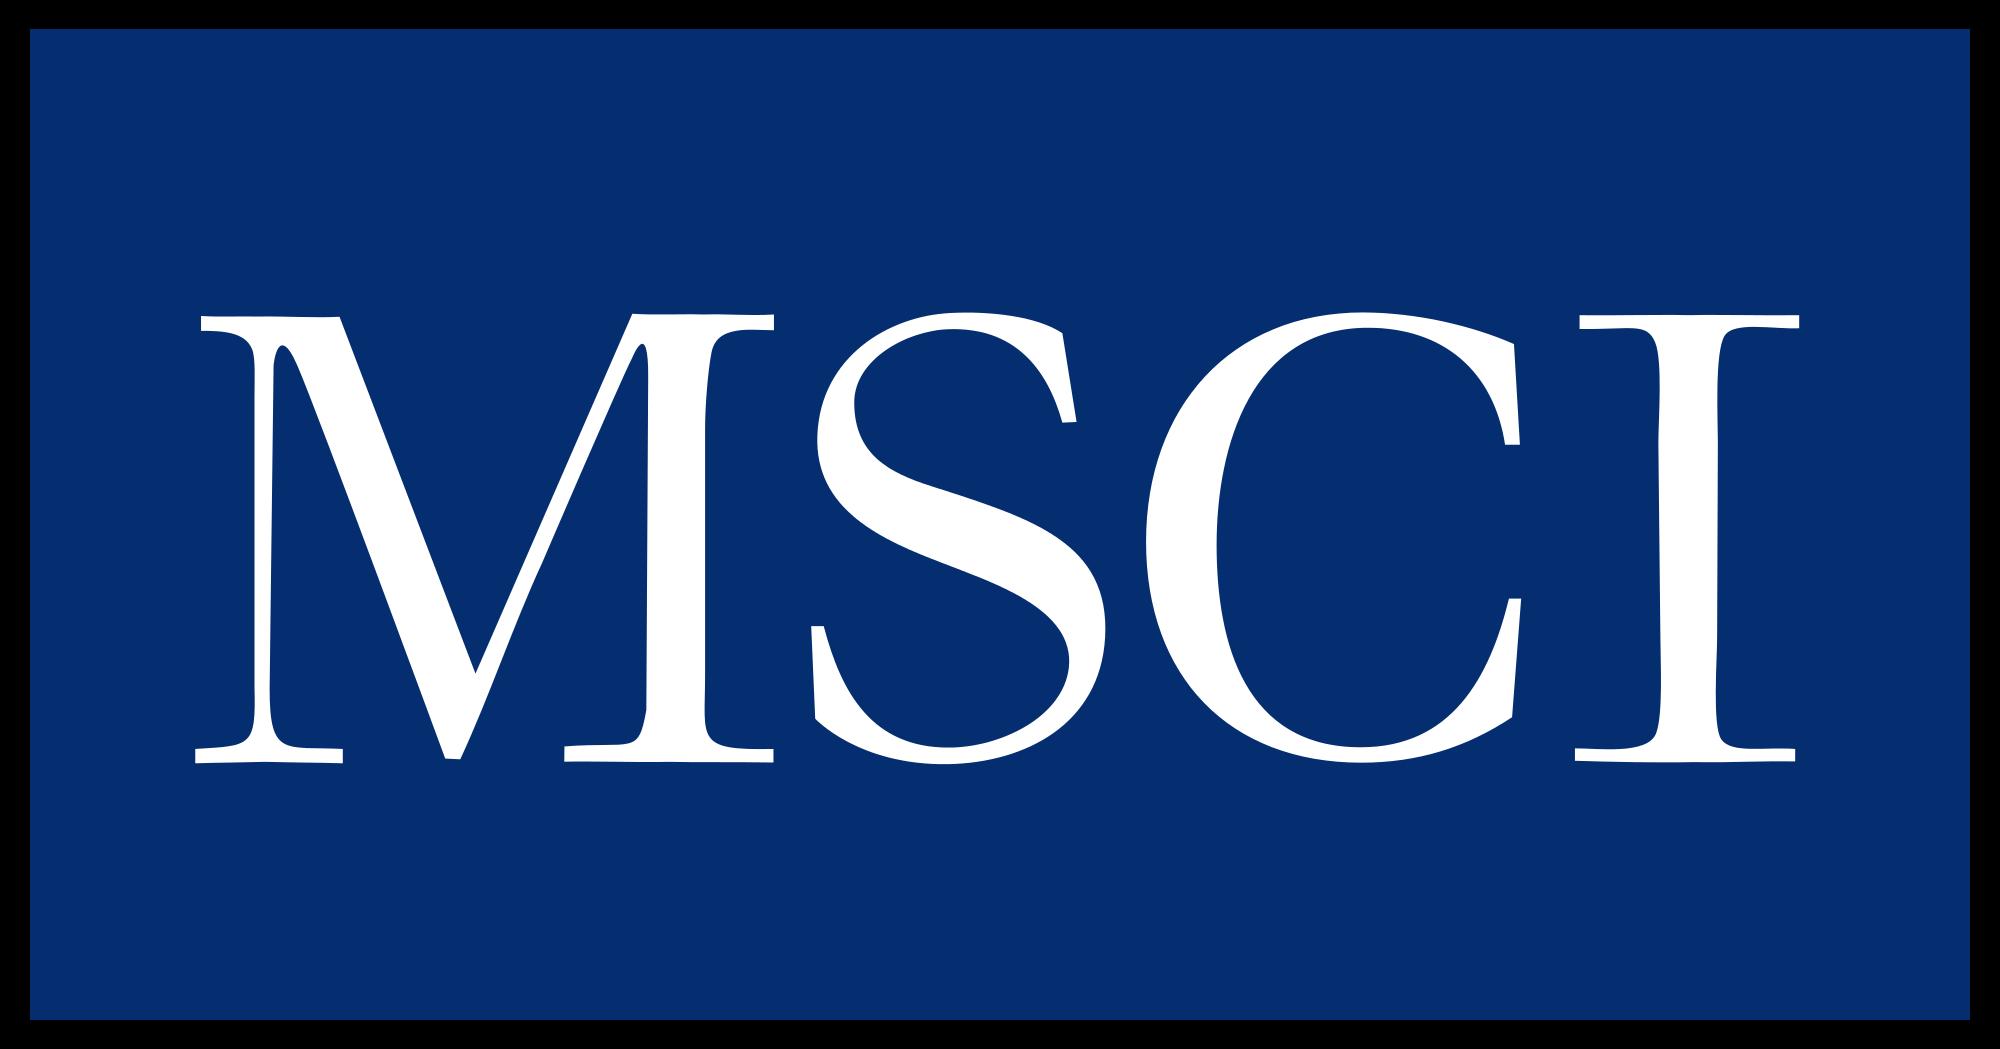 Thị trường chứng khoán Việt Nam và cơ hội nâng hạng MSCI Emerging Market